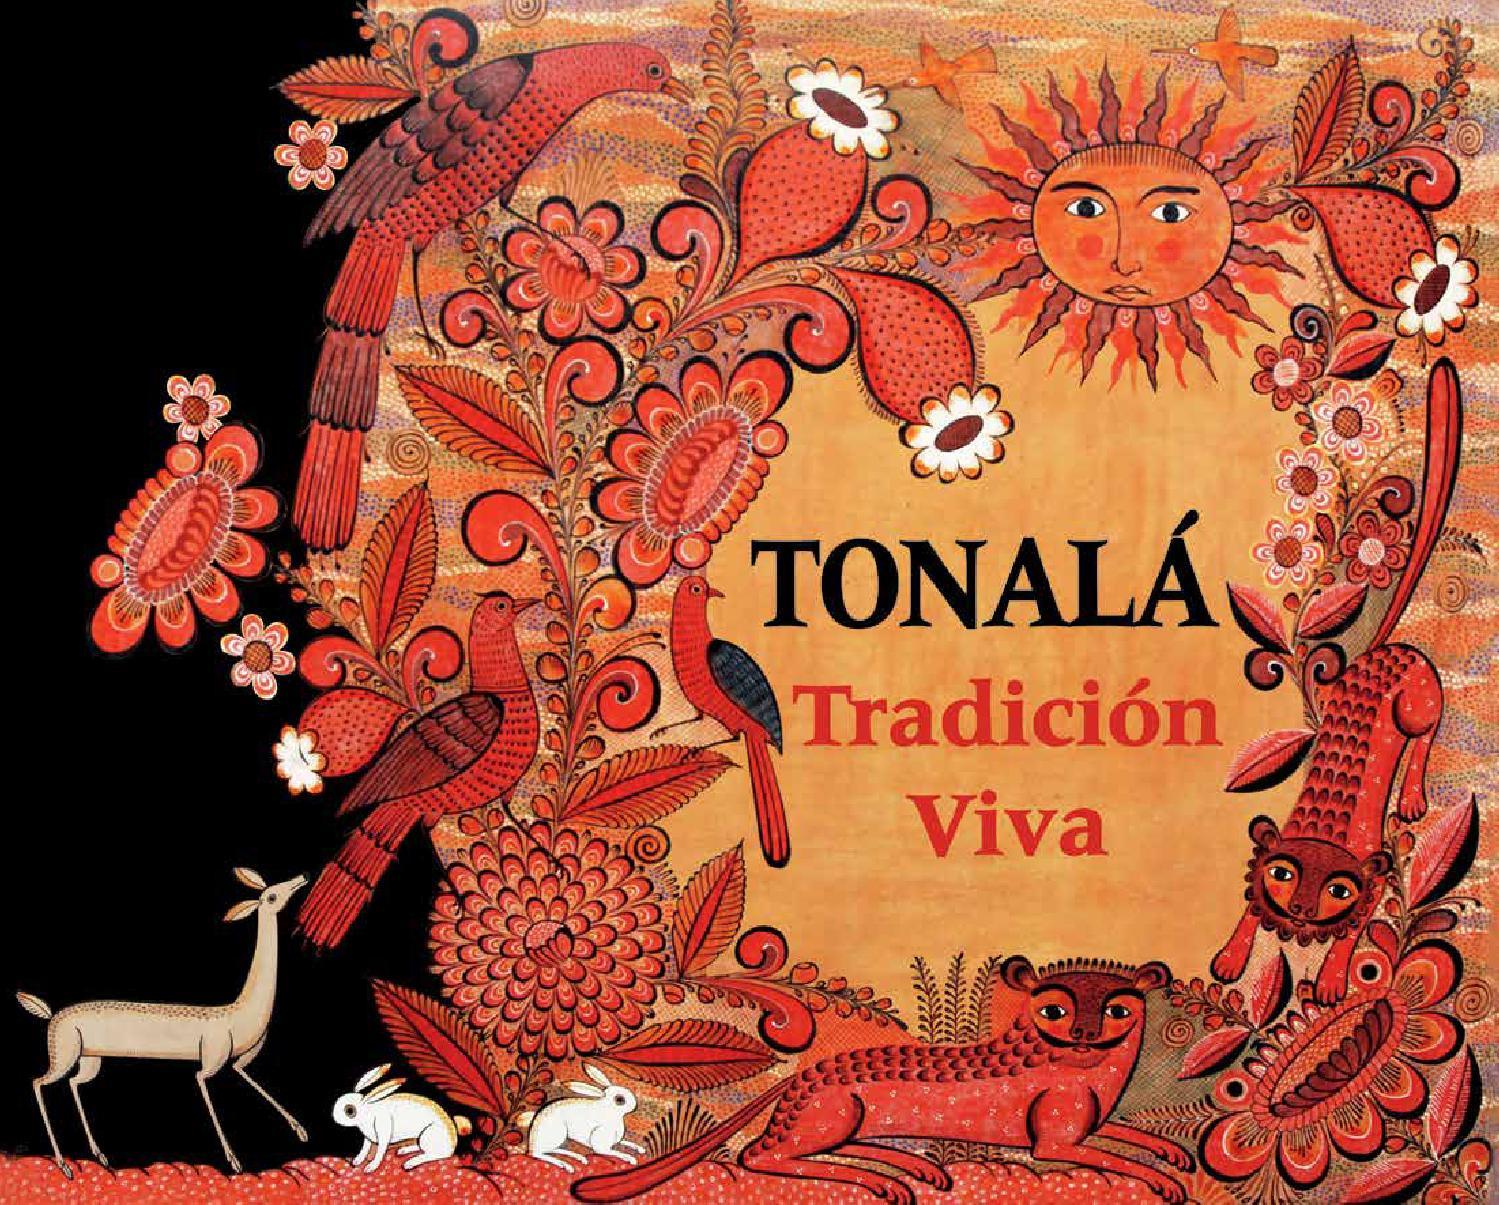 Libro tonala tradición viva by Ma. Teresa Figueroa - issuu